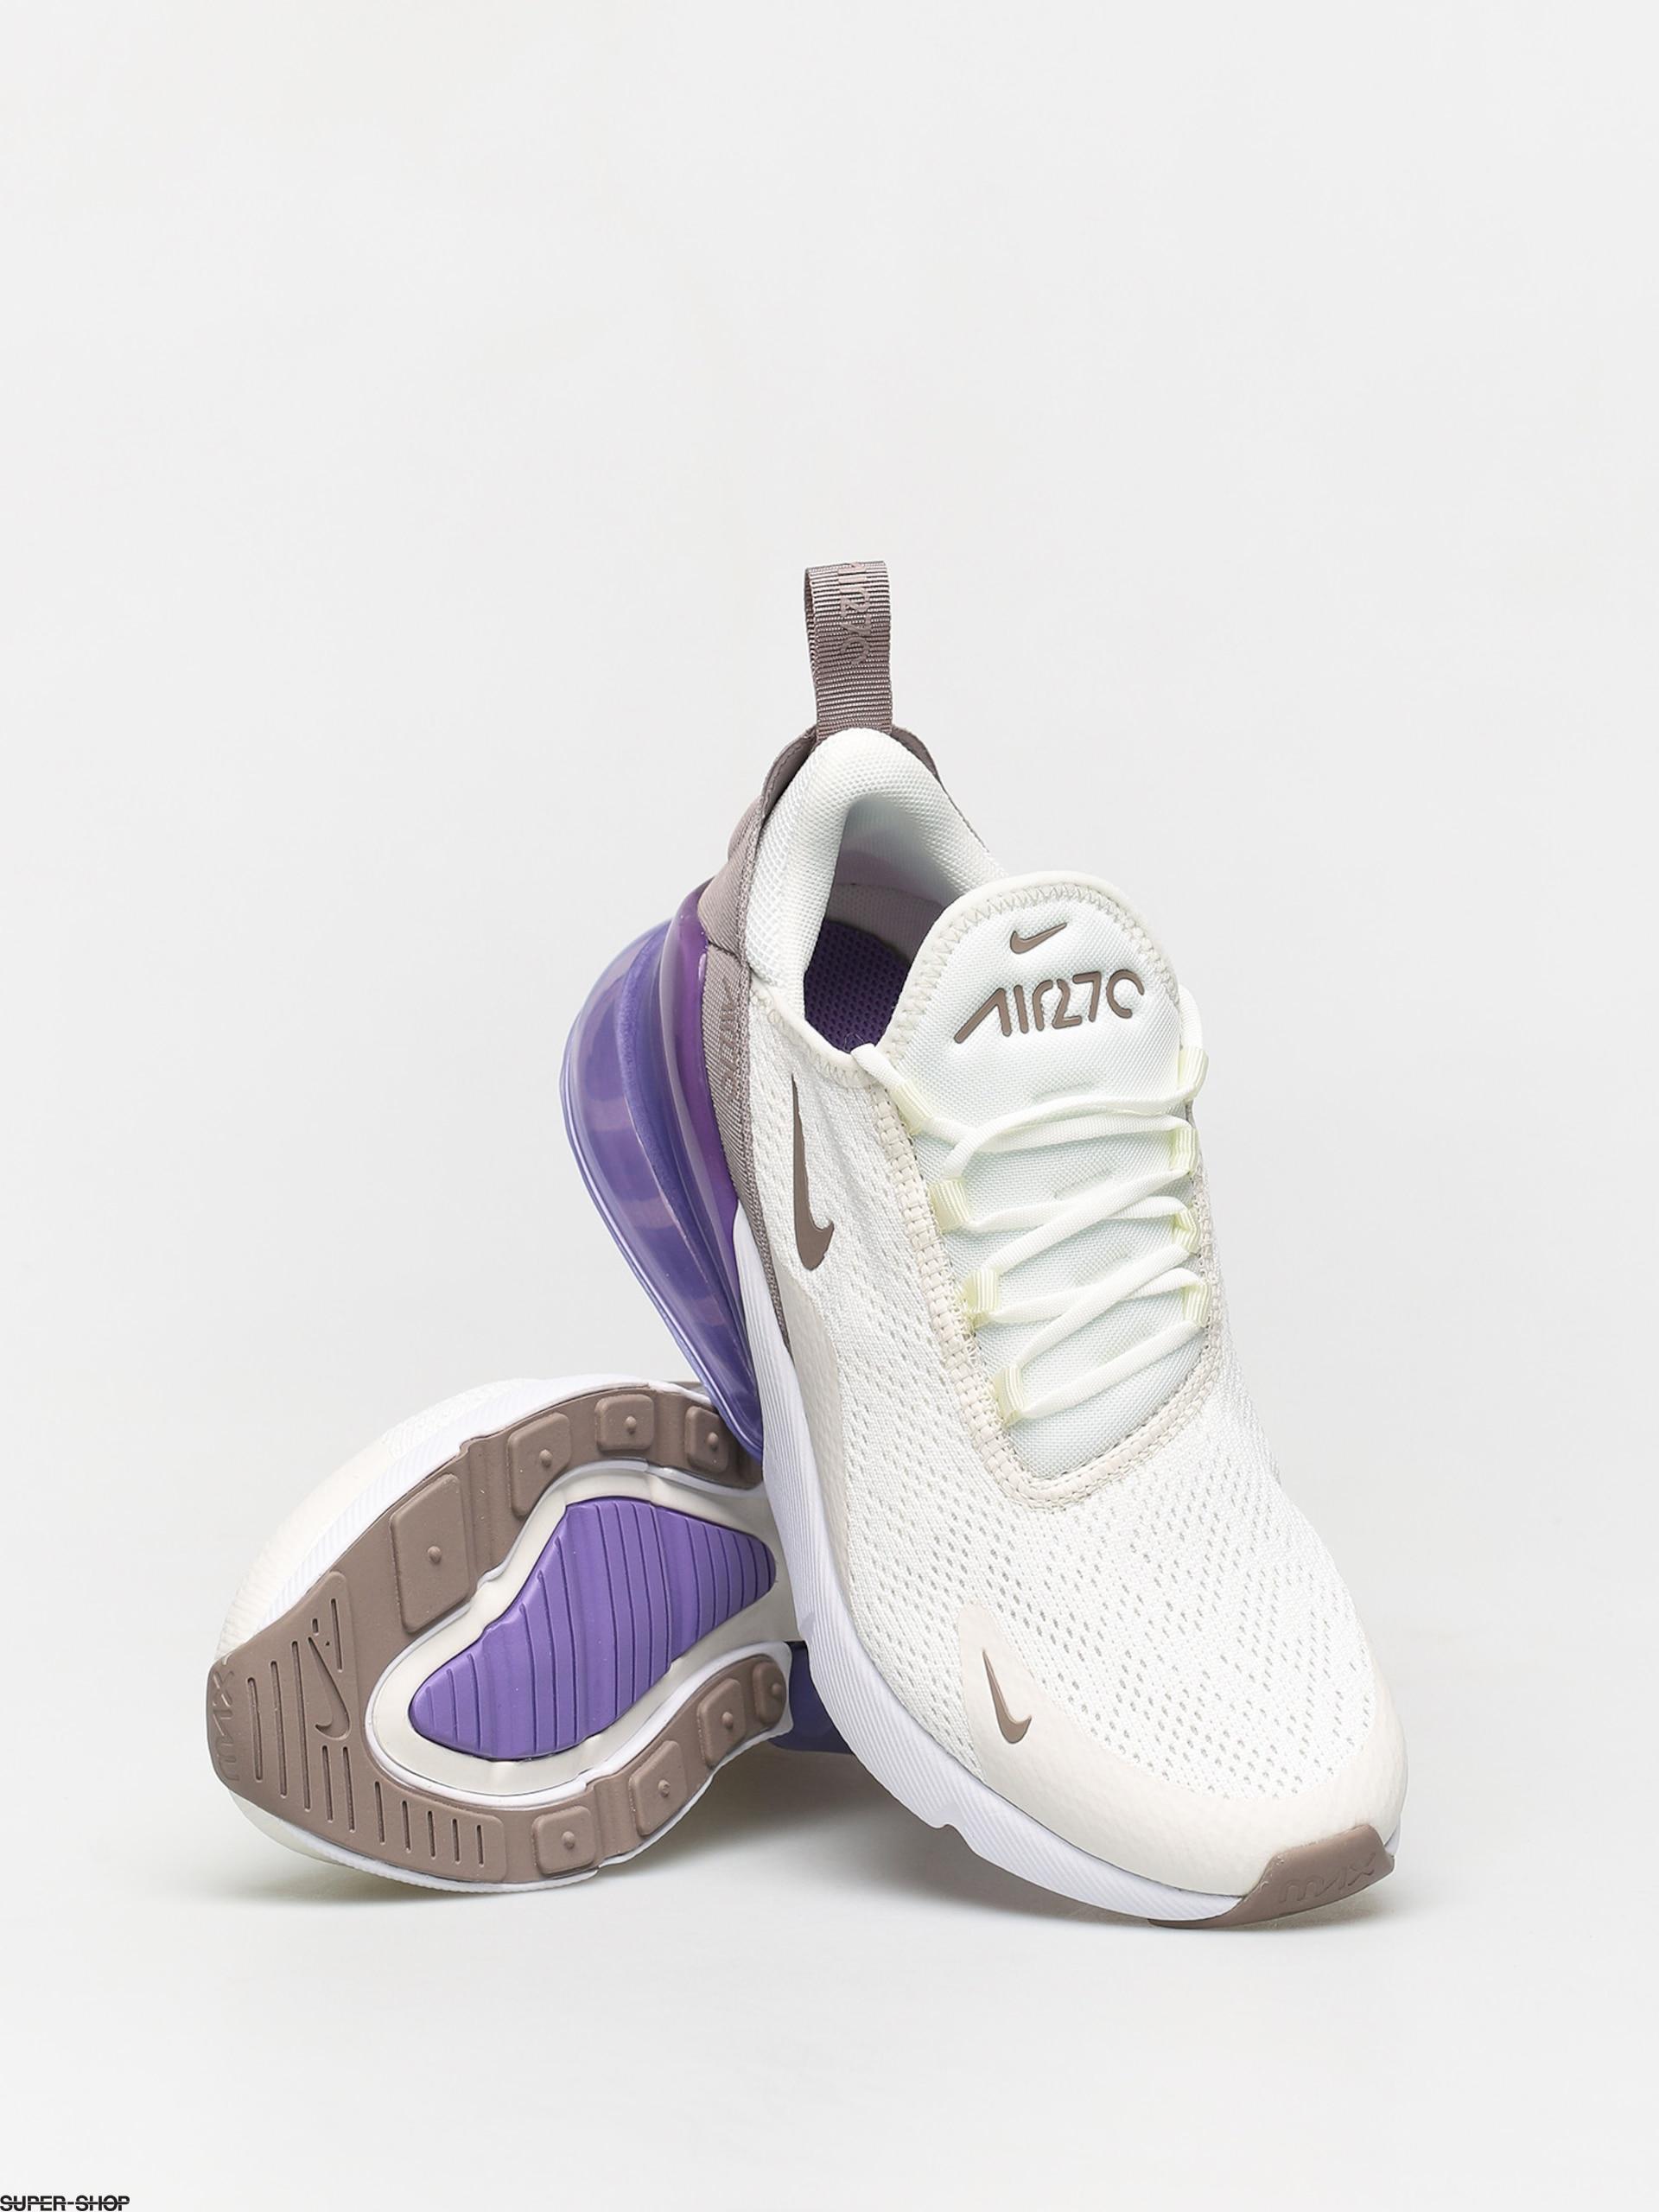 Nike Air Max 270 Shoes Wmn (sailpumice space purple white)